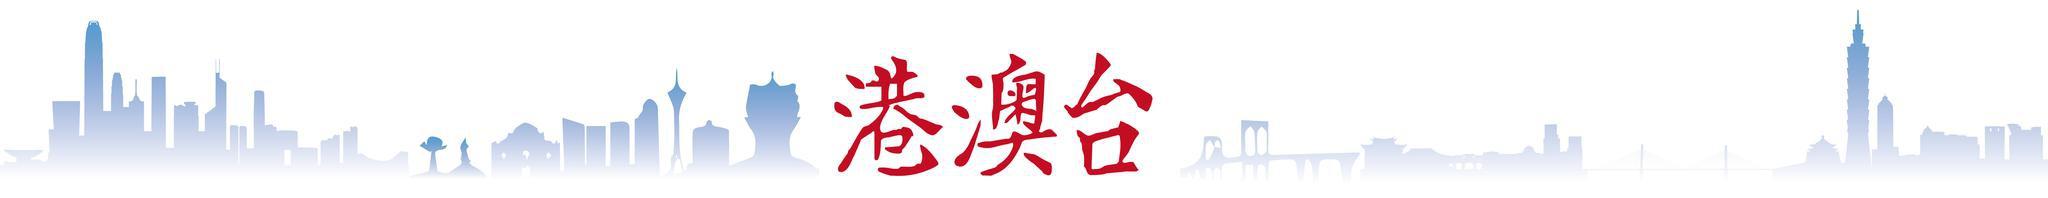 两岸一家人!台湾人的这项中秋民俗,竟和抗倭名将戚继光有关